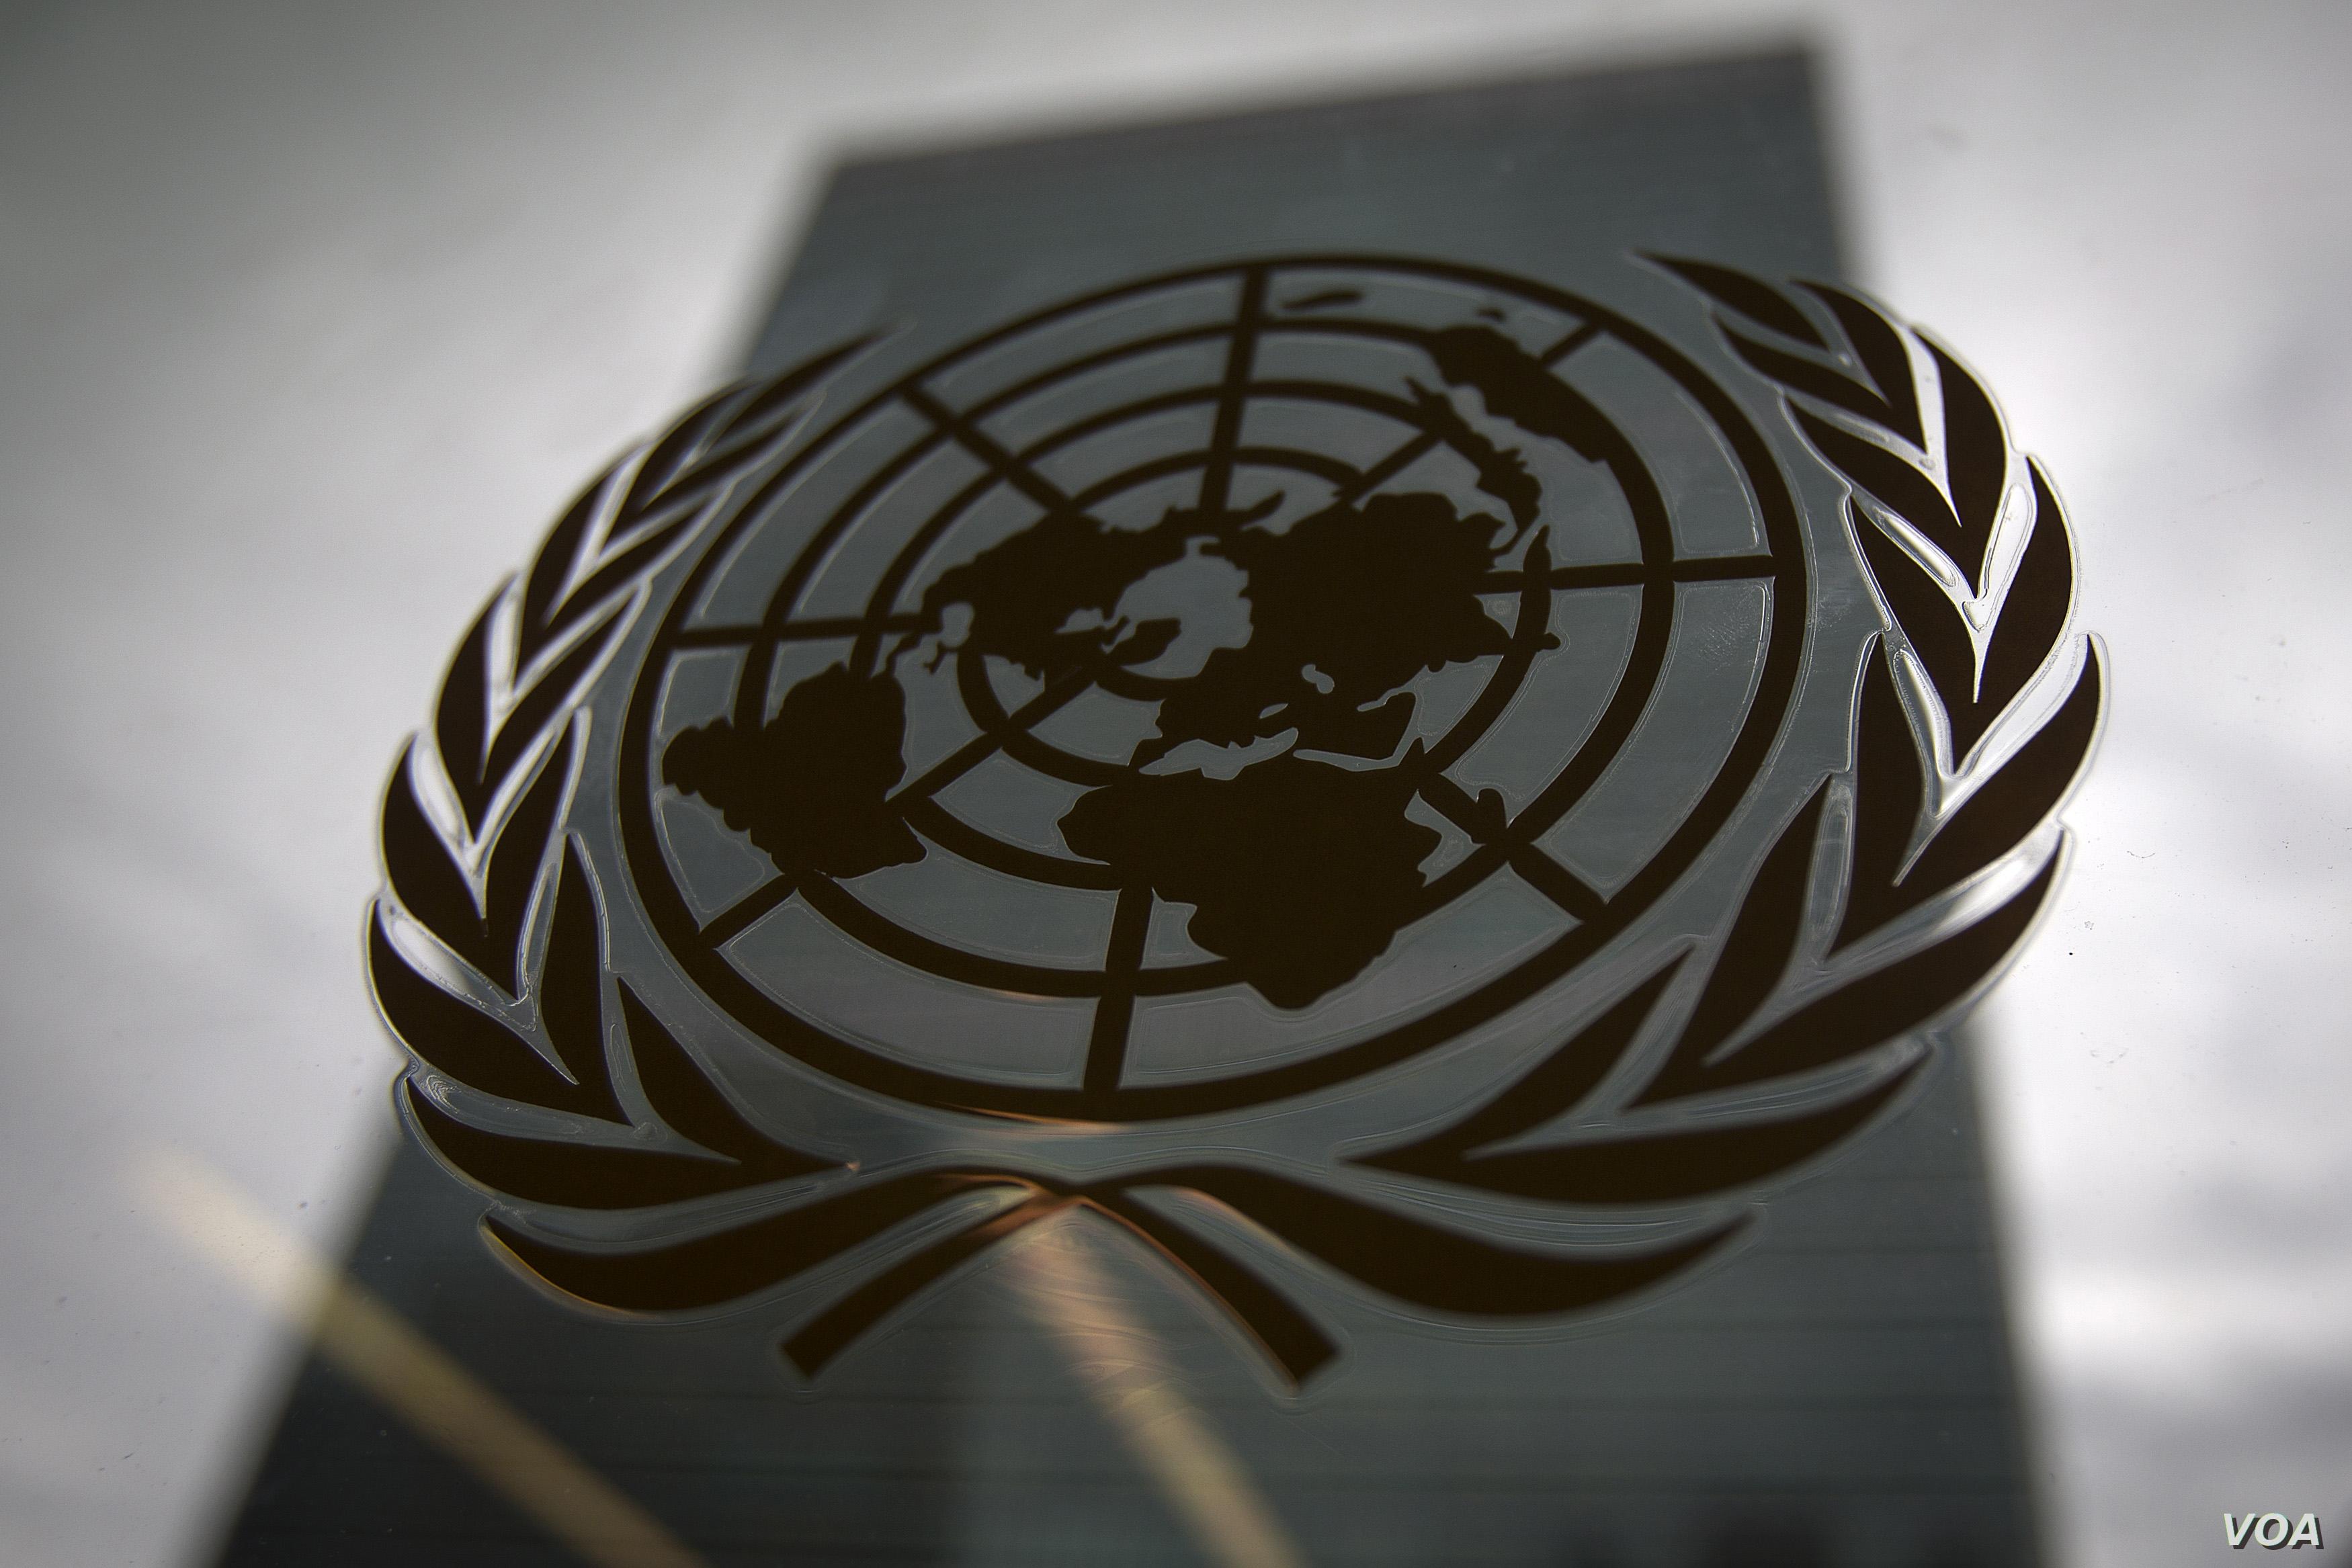 Гуманитарные организации ООН находятся под кибератаками